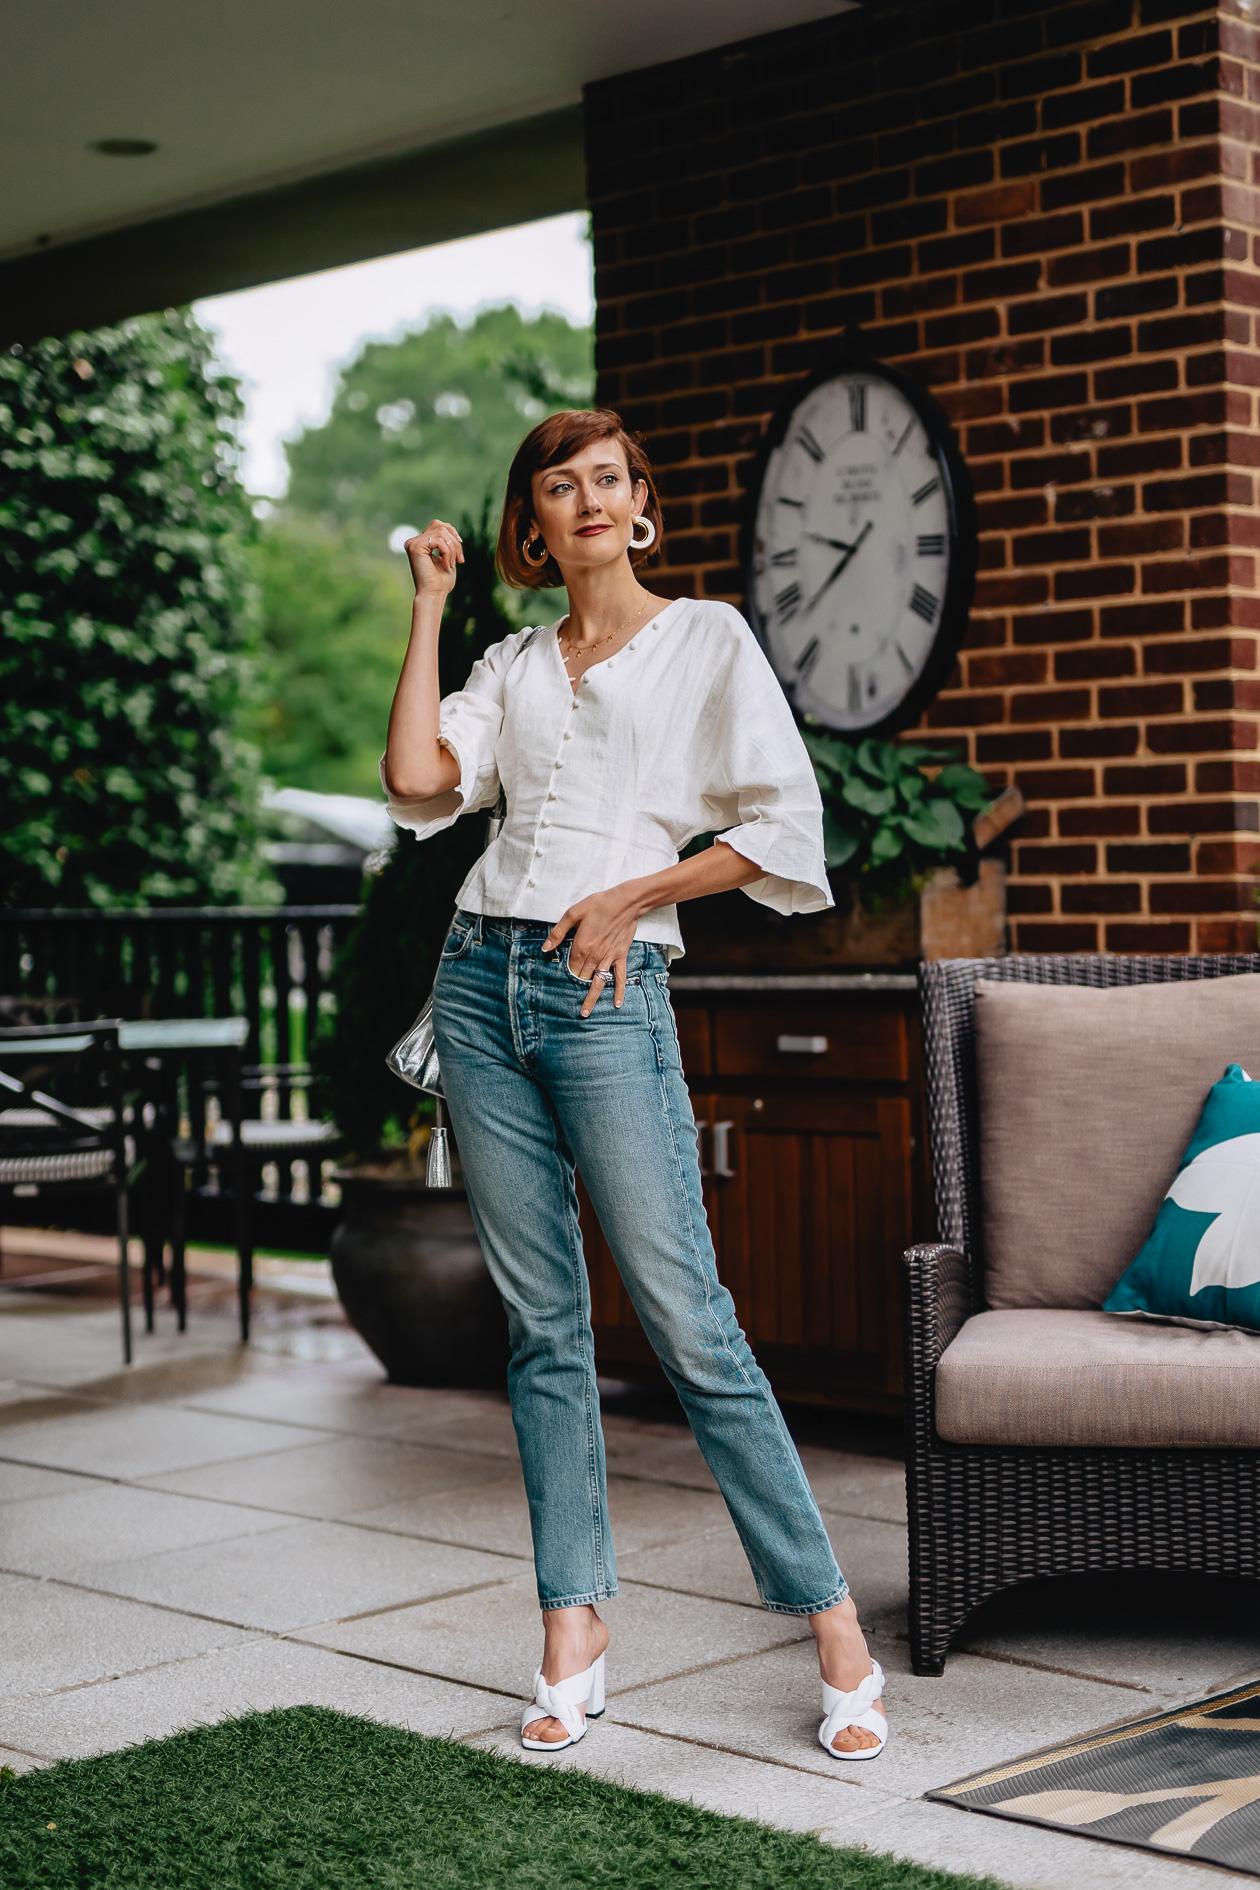 Citizens jeans & linen top